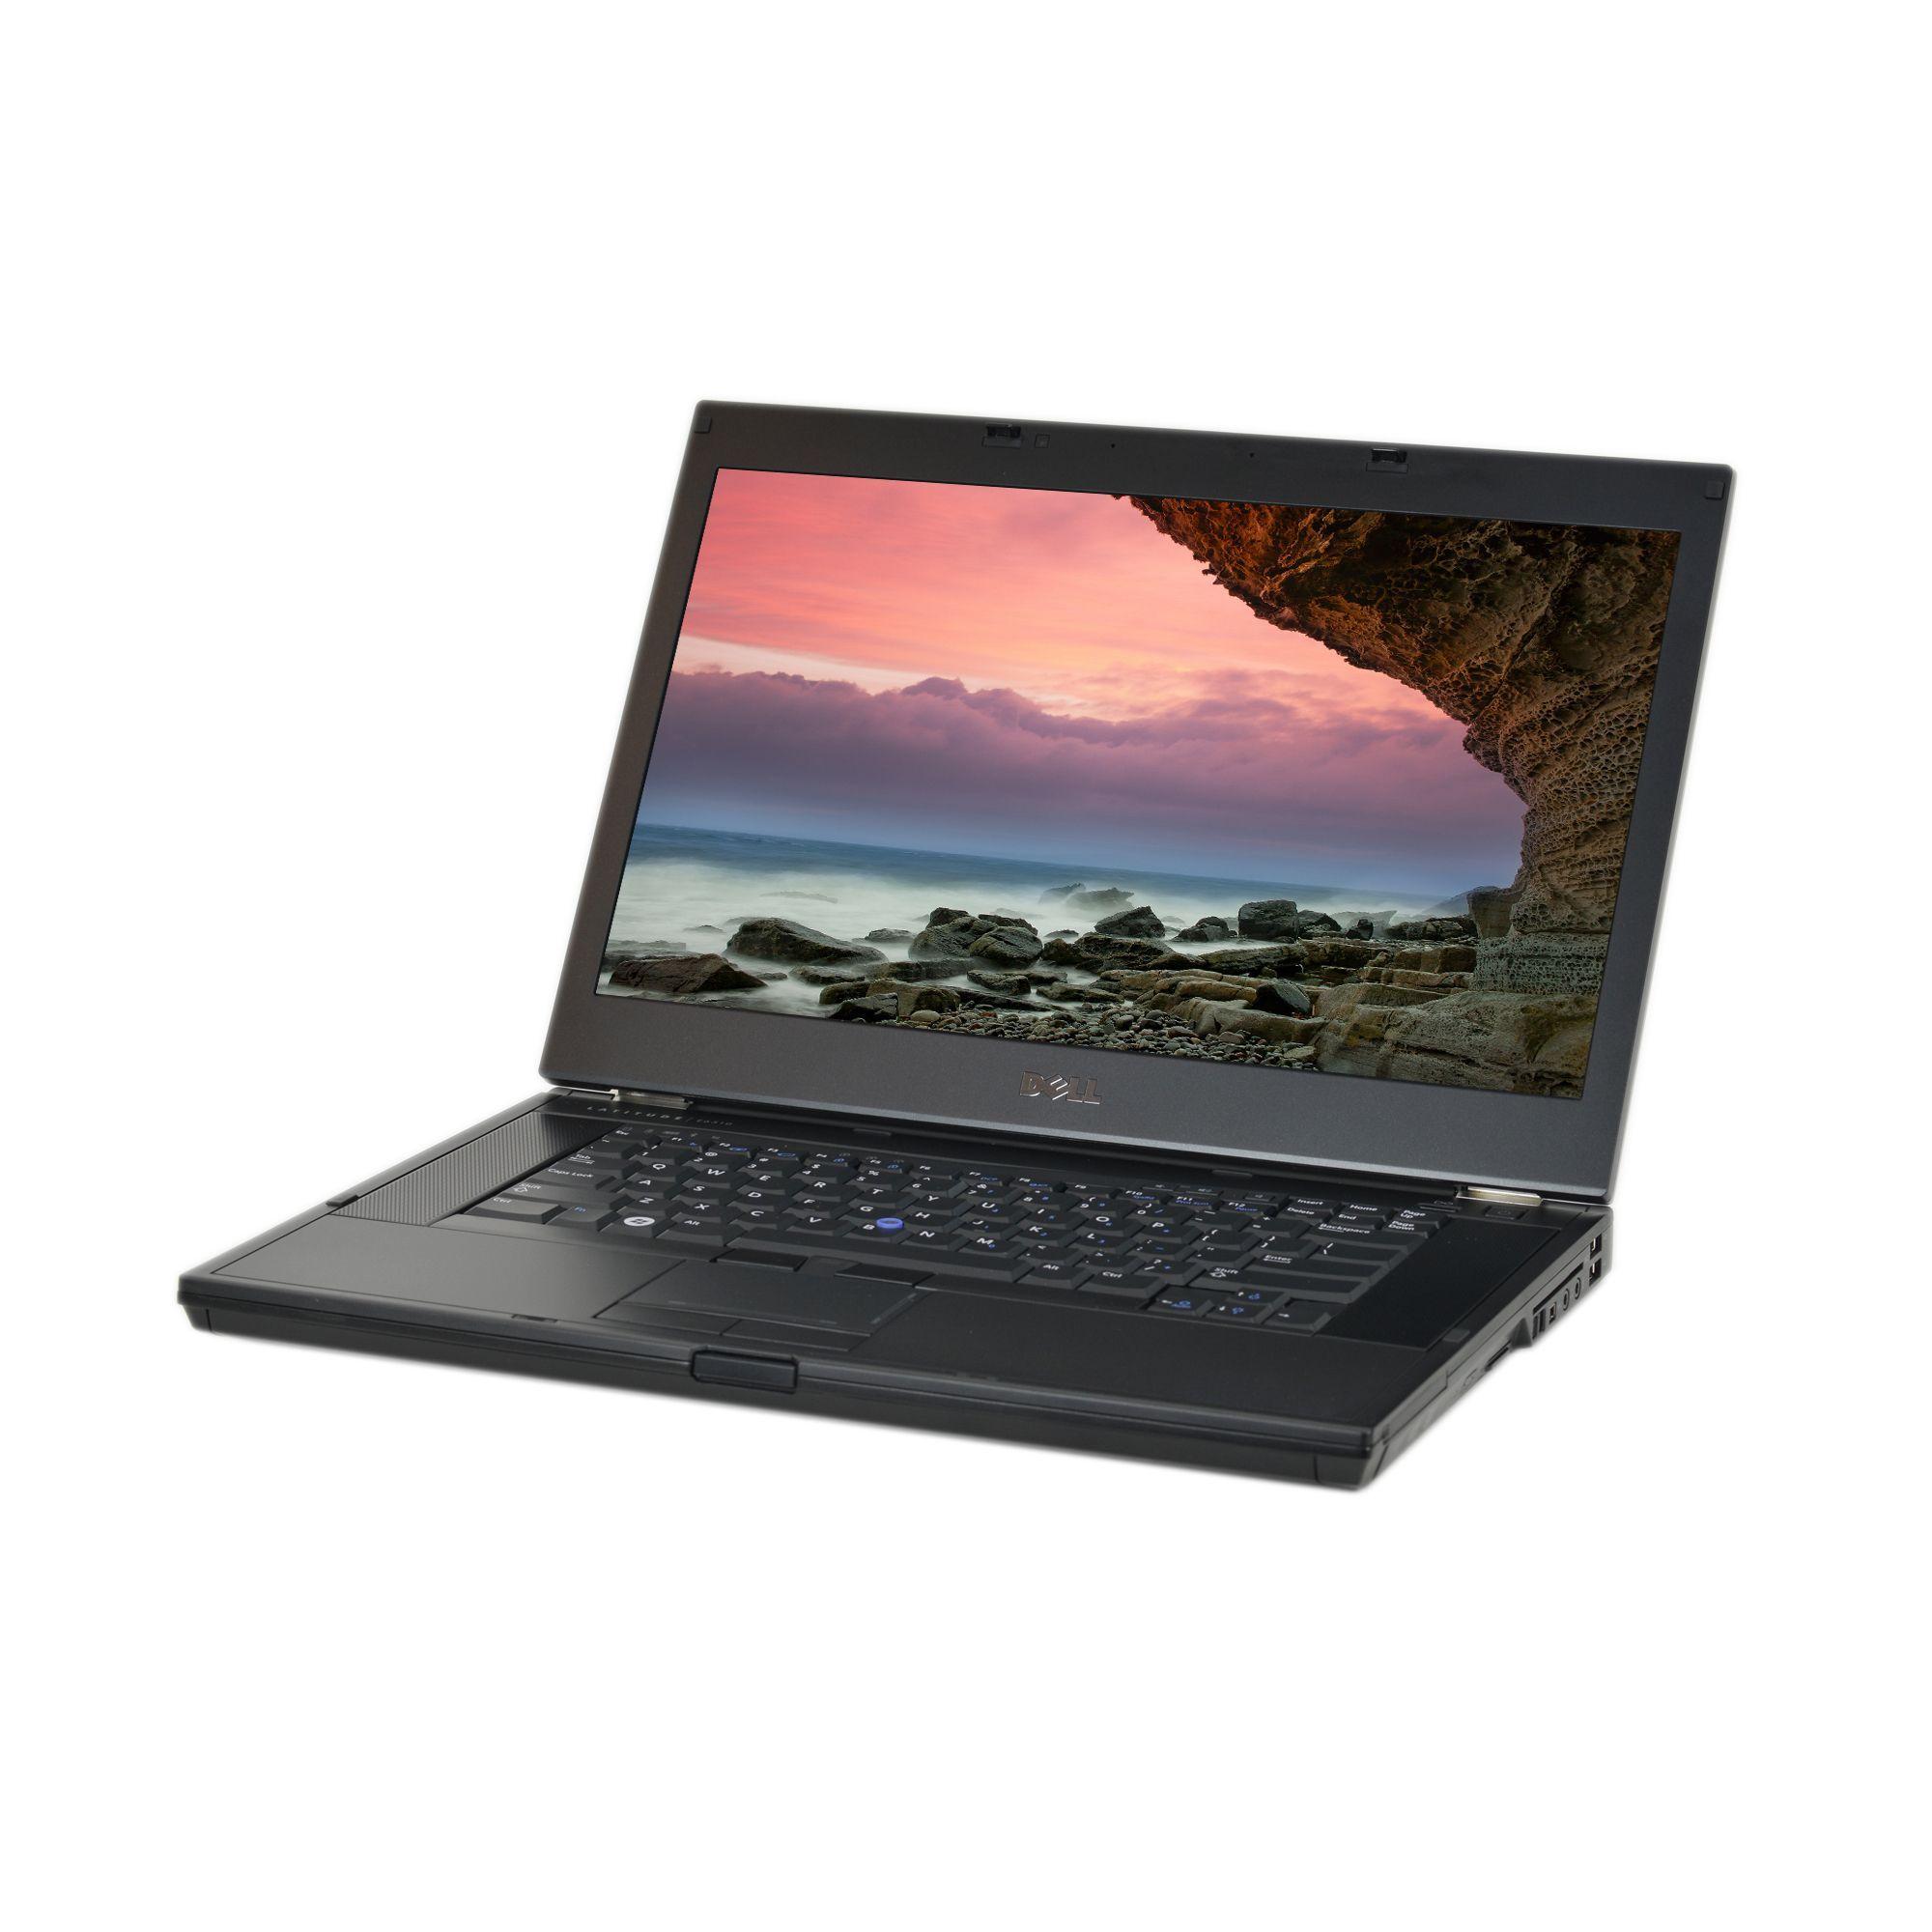 Dell Latitude E6510 15.6-inch 2.4GHz Core i5 8GB RAM 128GB SSD Windows 10 Laptop